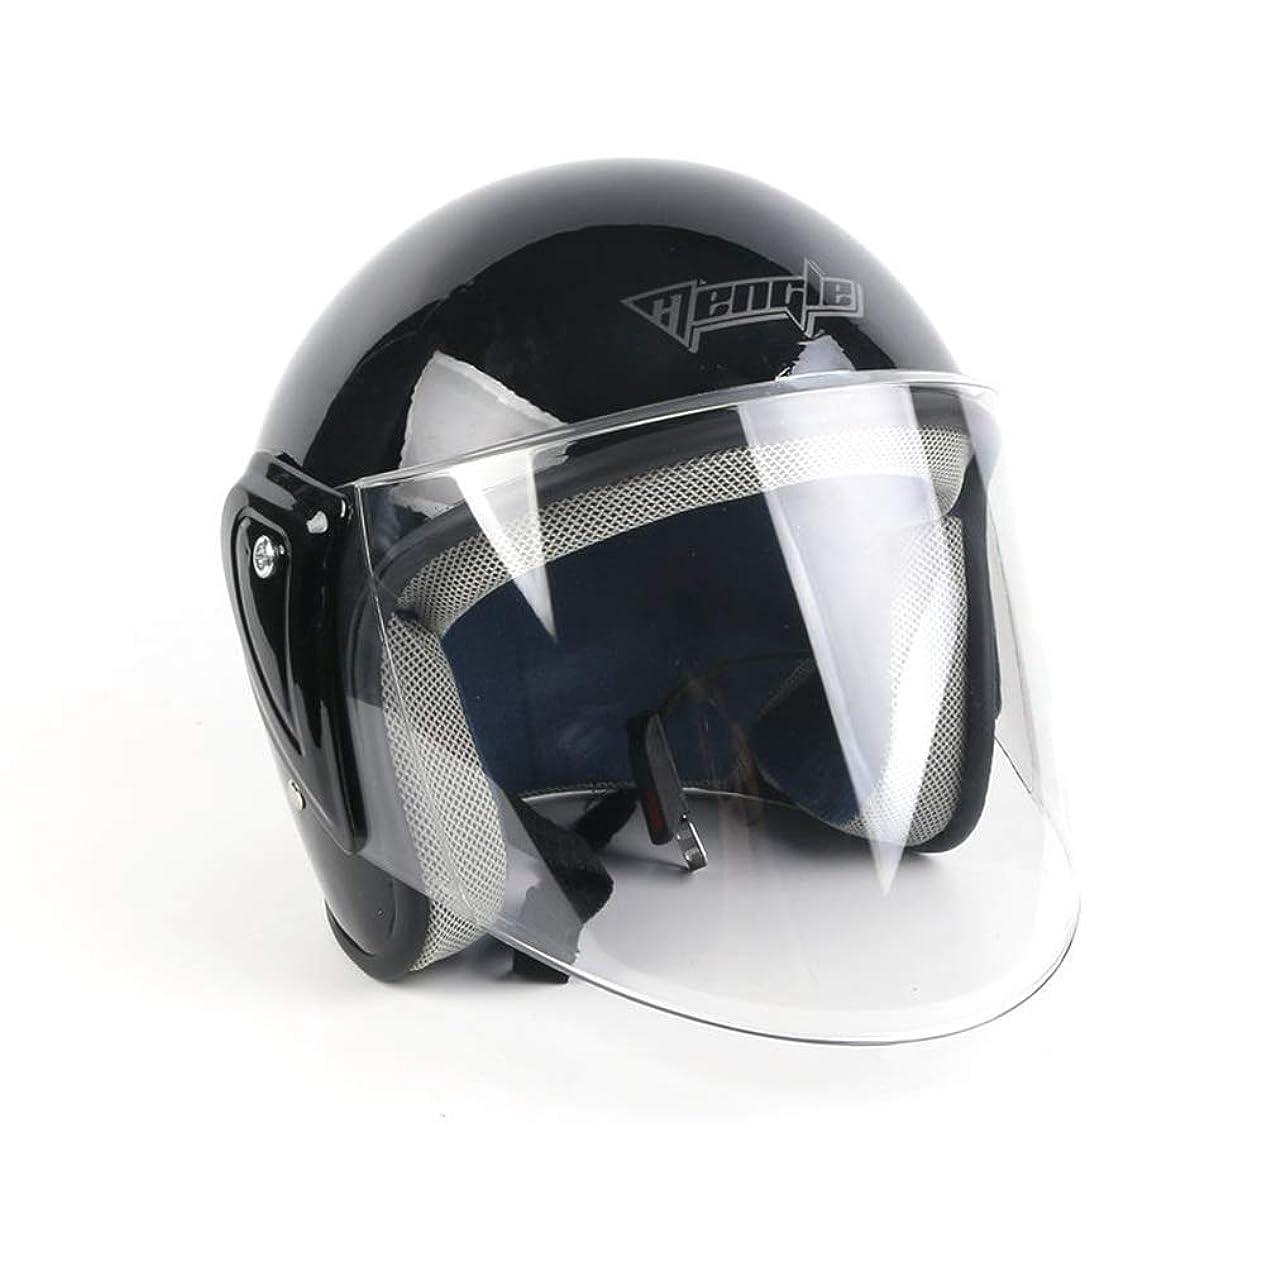 ラダめまいが占める半帽ヘルメット バイク システム 軽量 防風 保護 男の子 女の子 乗車用 フリップアップ UVカット 日焼け止め 通気 吸汗 速乾 バッテリカー カジュアル 夏用 シンプル ストリート 通勤 通学 ブラック